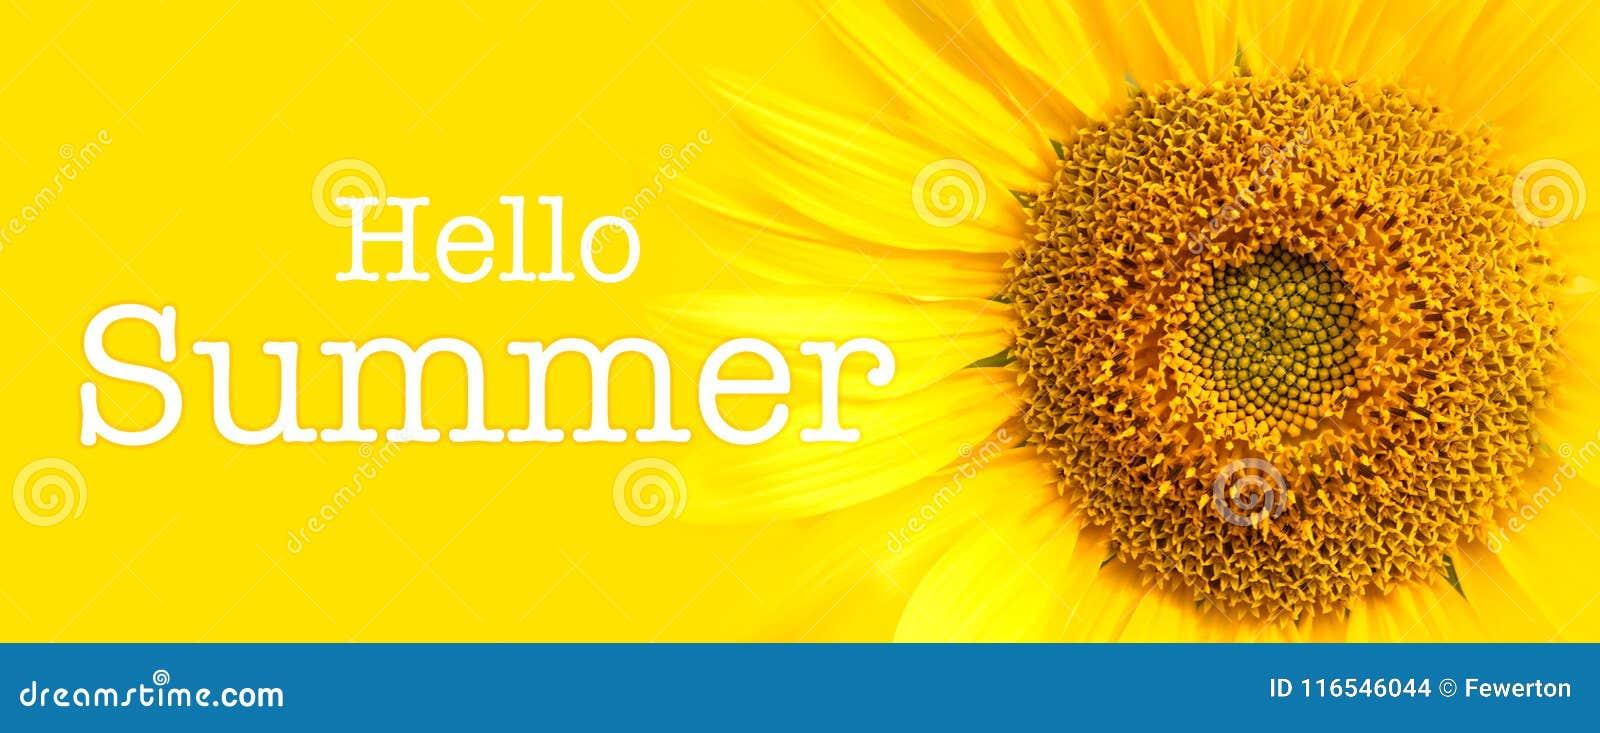 Hello-van de de Zomertekst en zonnebloem close-updetails op gele bannerachtergrond